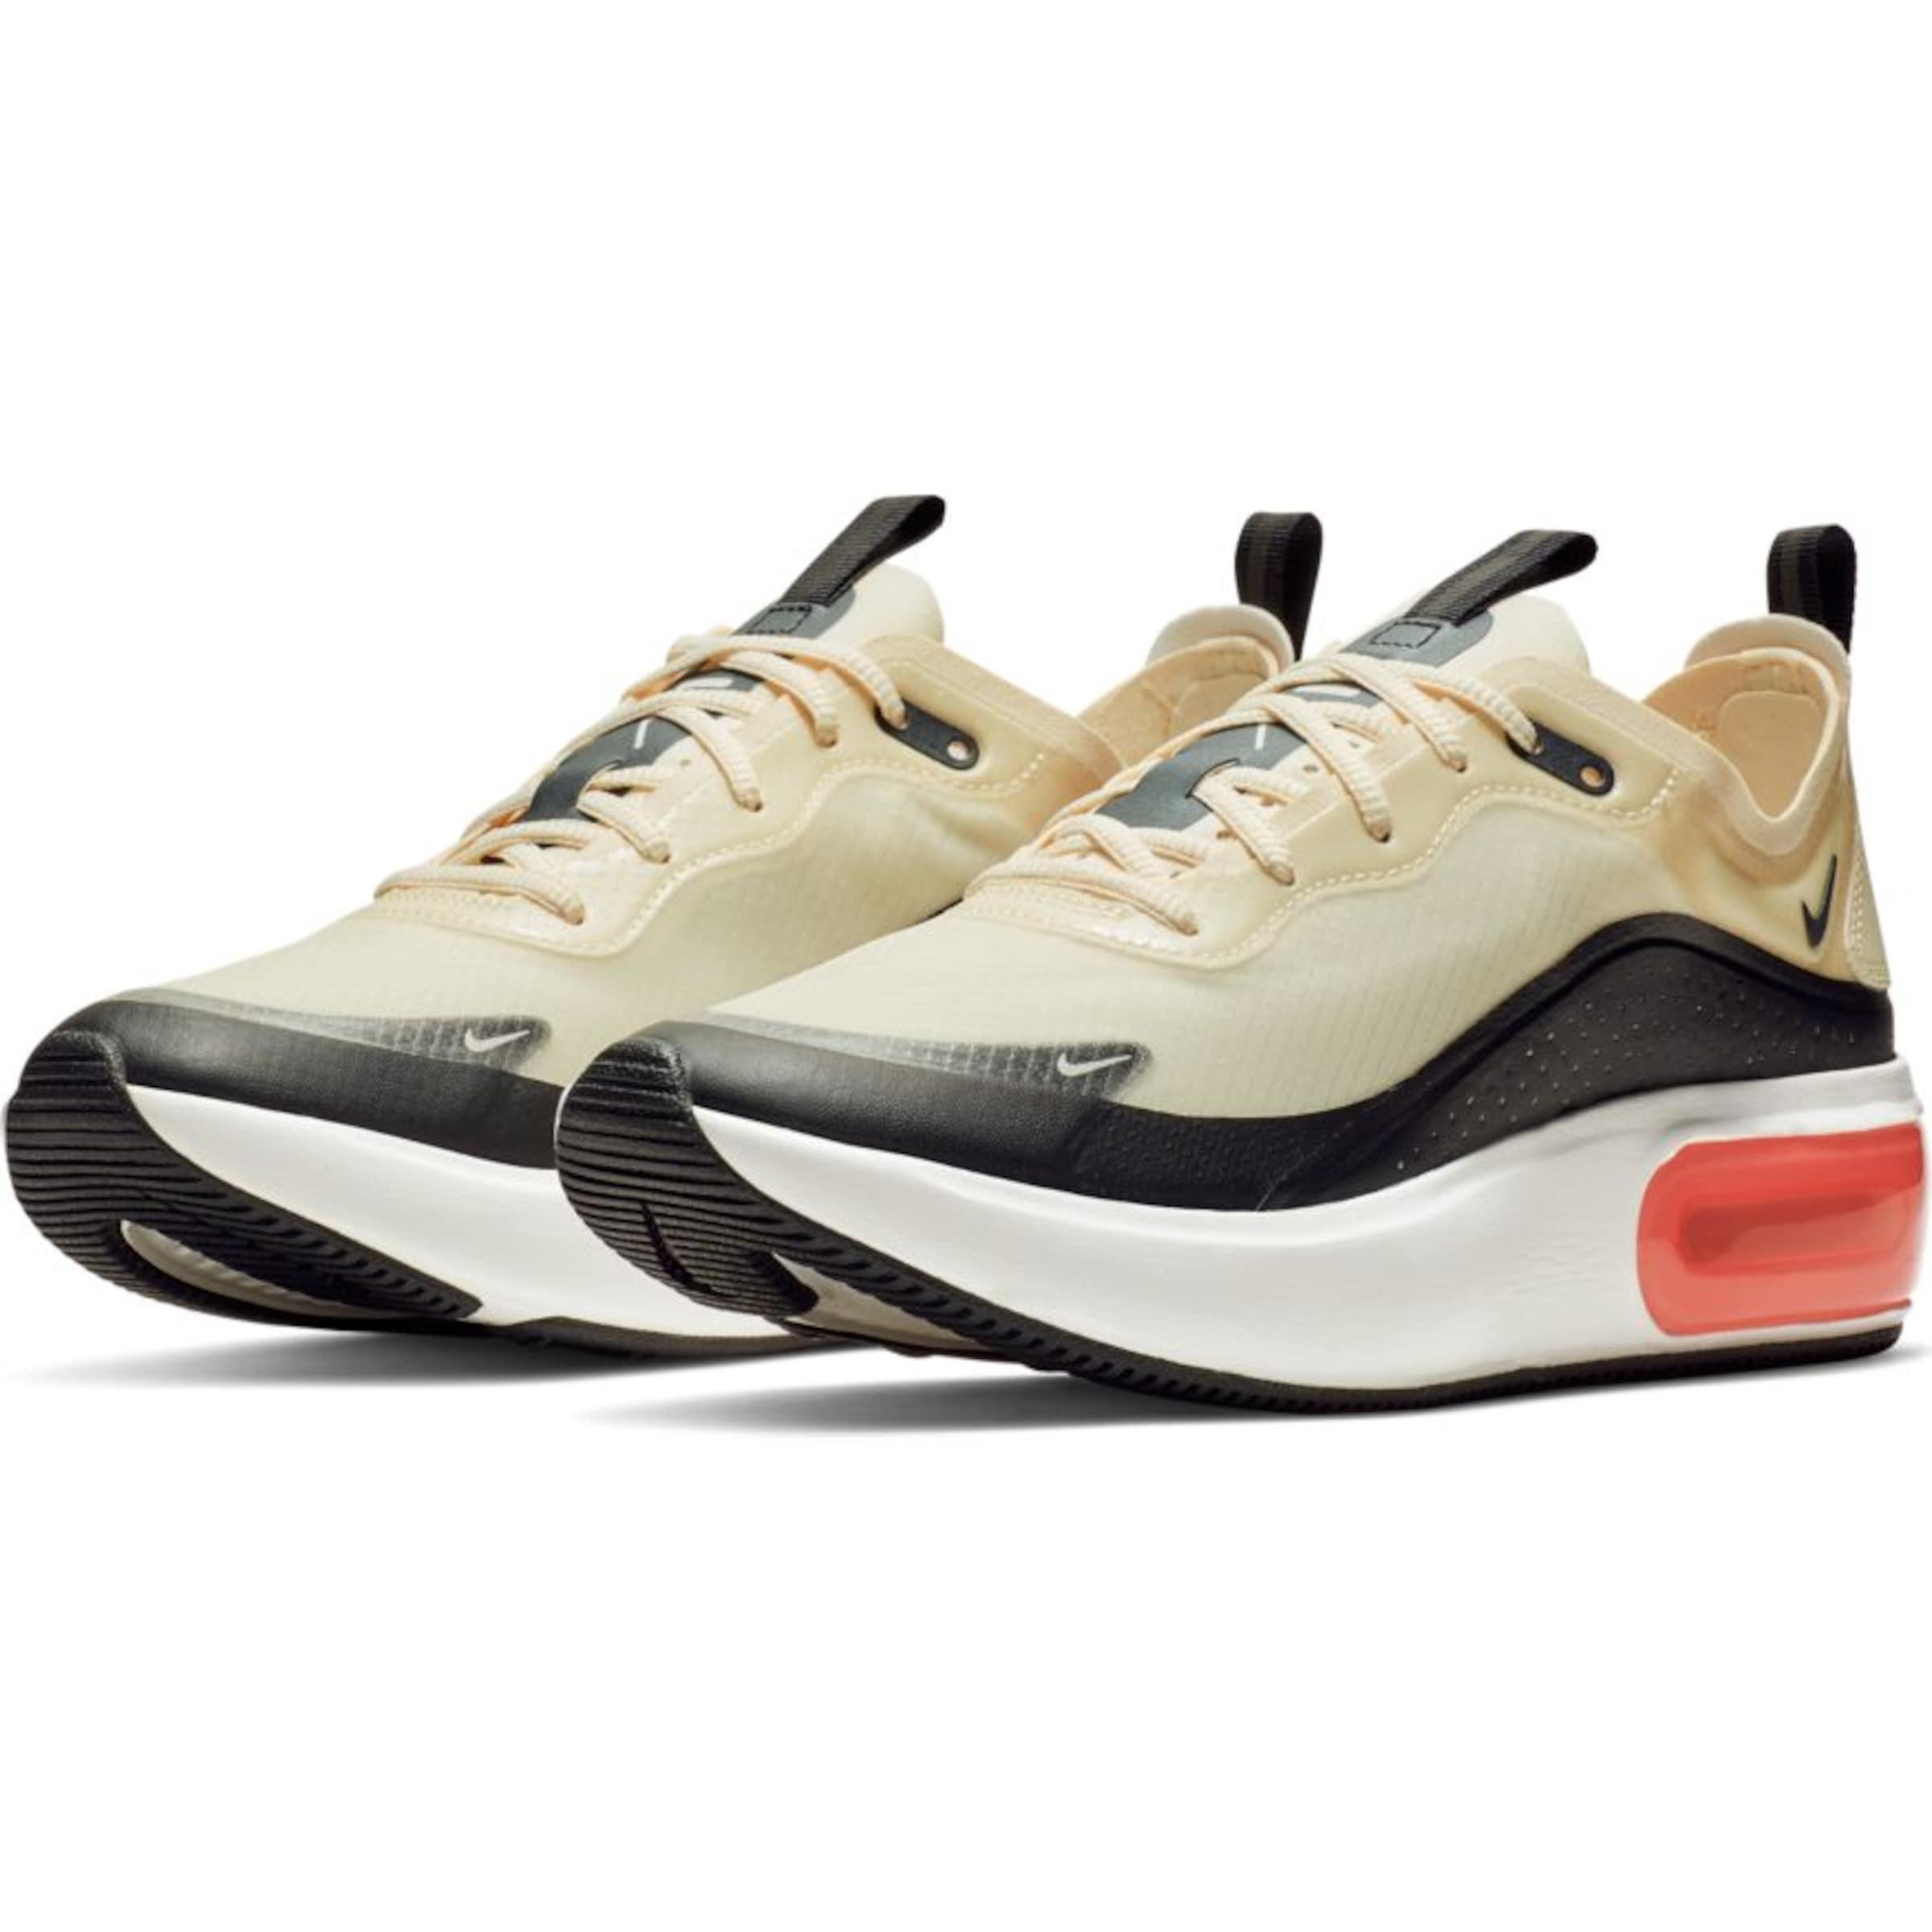 Noir Sportswear Baskets En BeigeRouge Air Dia Se' Basses Max Nike 'nike mNvnw80